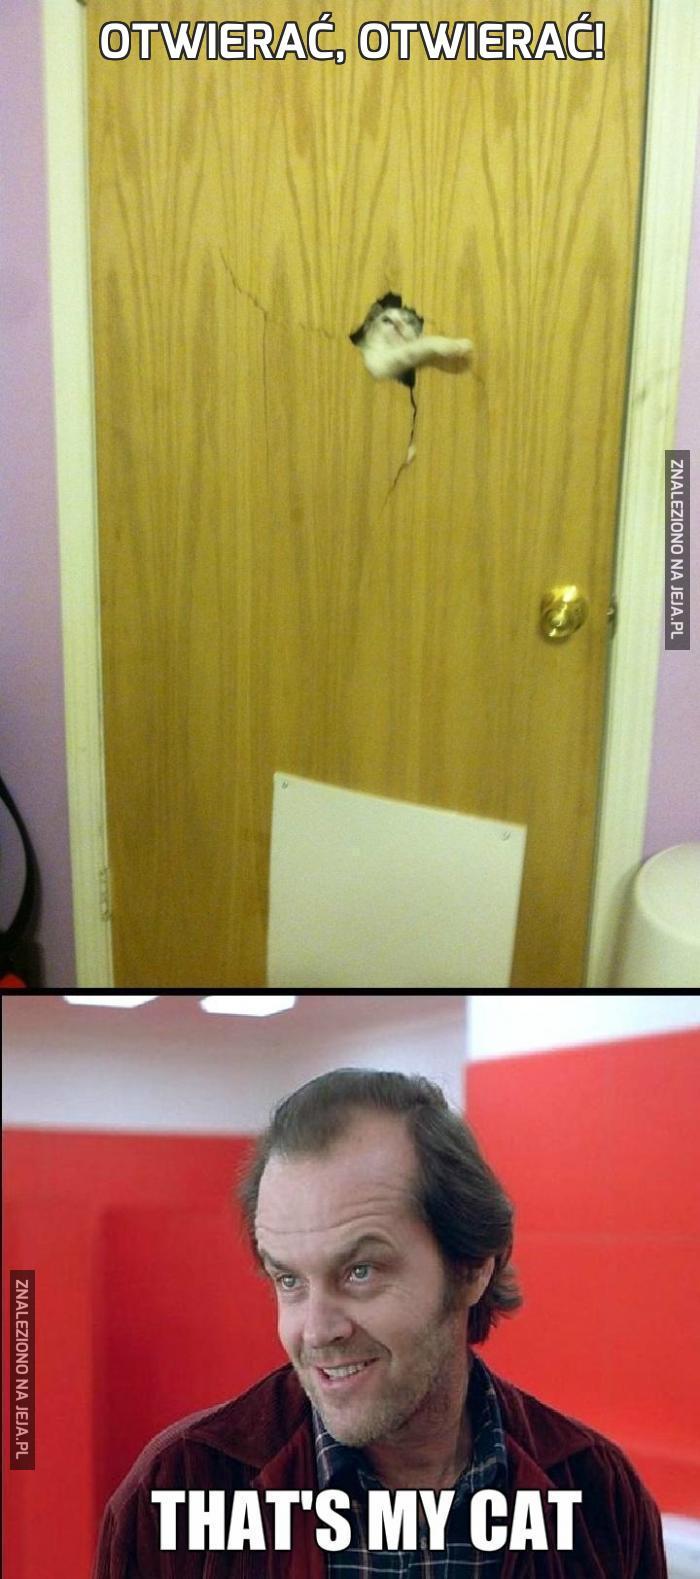 Otwierać, otwierać!